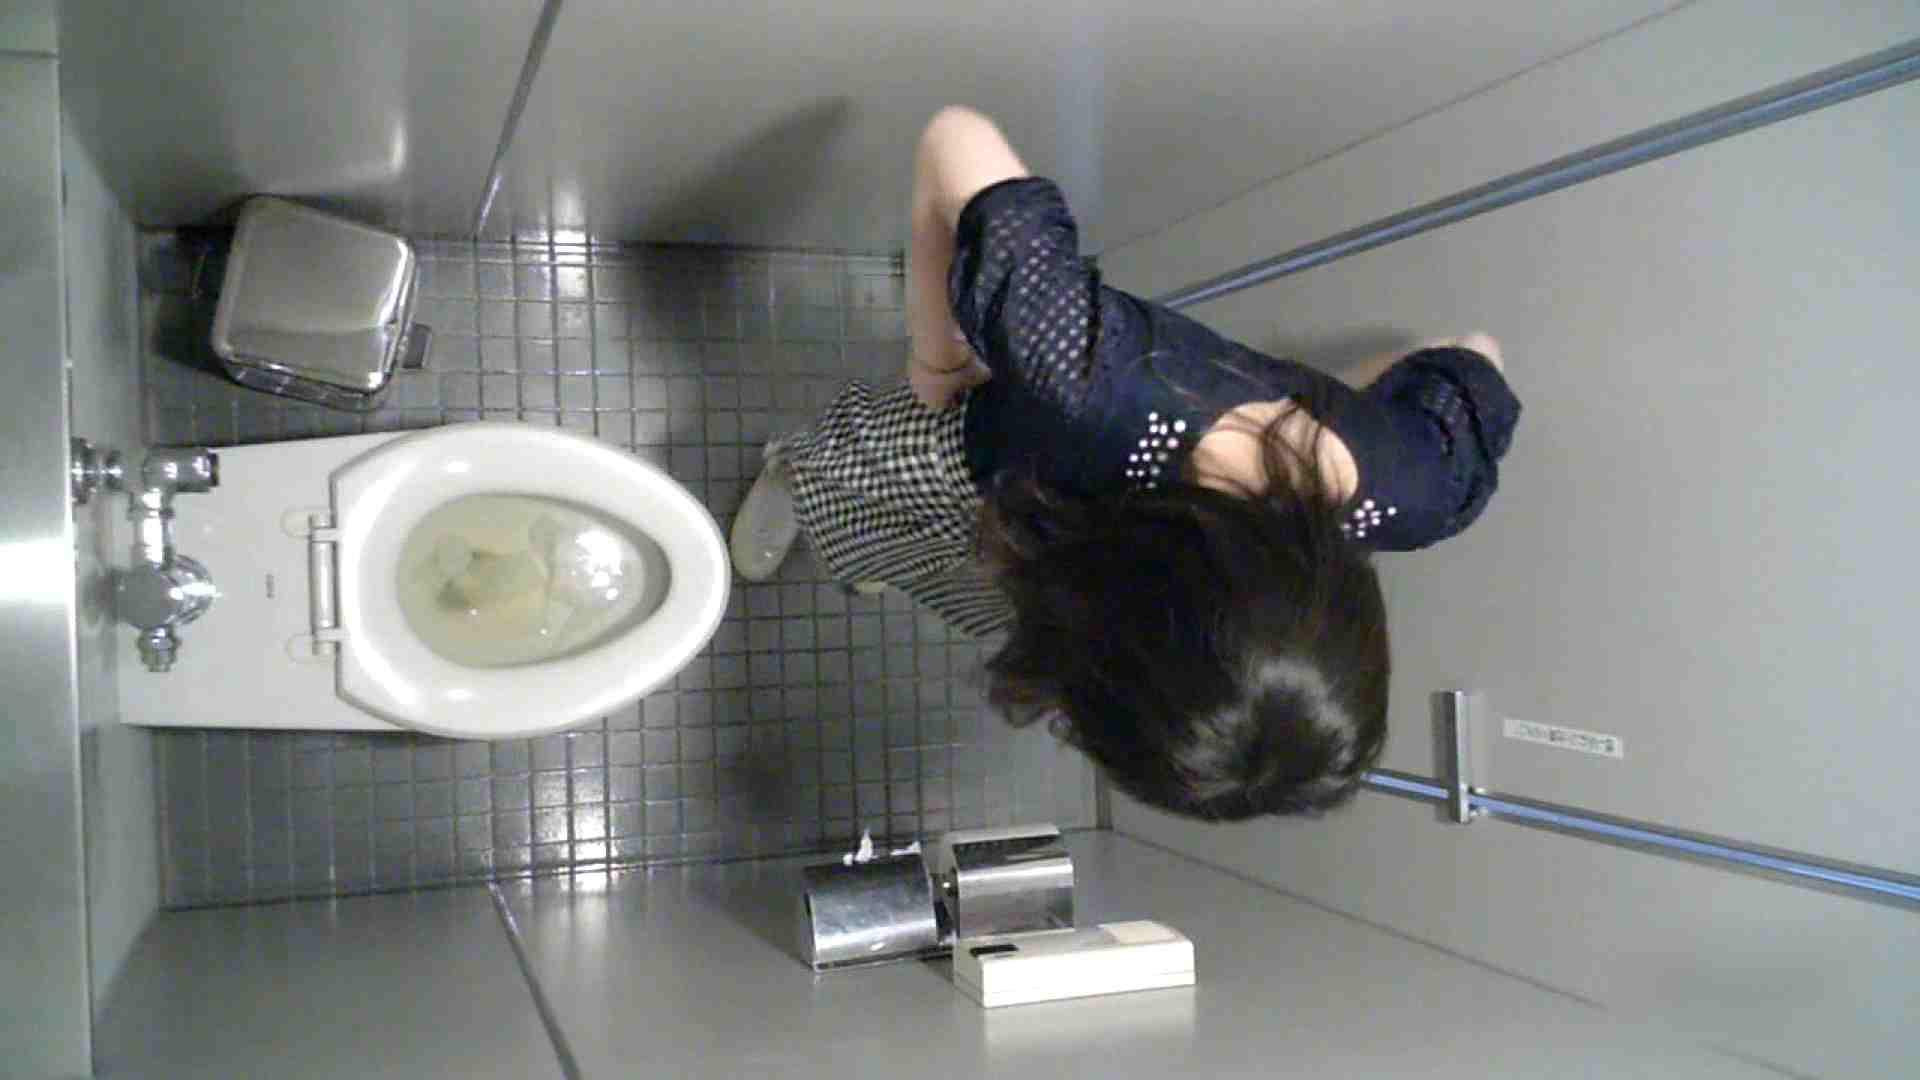 有名大学女性洗面所 vol.36 すっごい「ほじって」ます。 OLのエロ生活  58連発 55